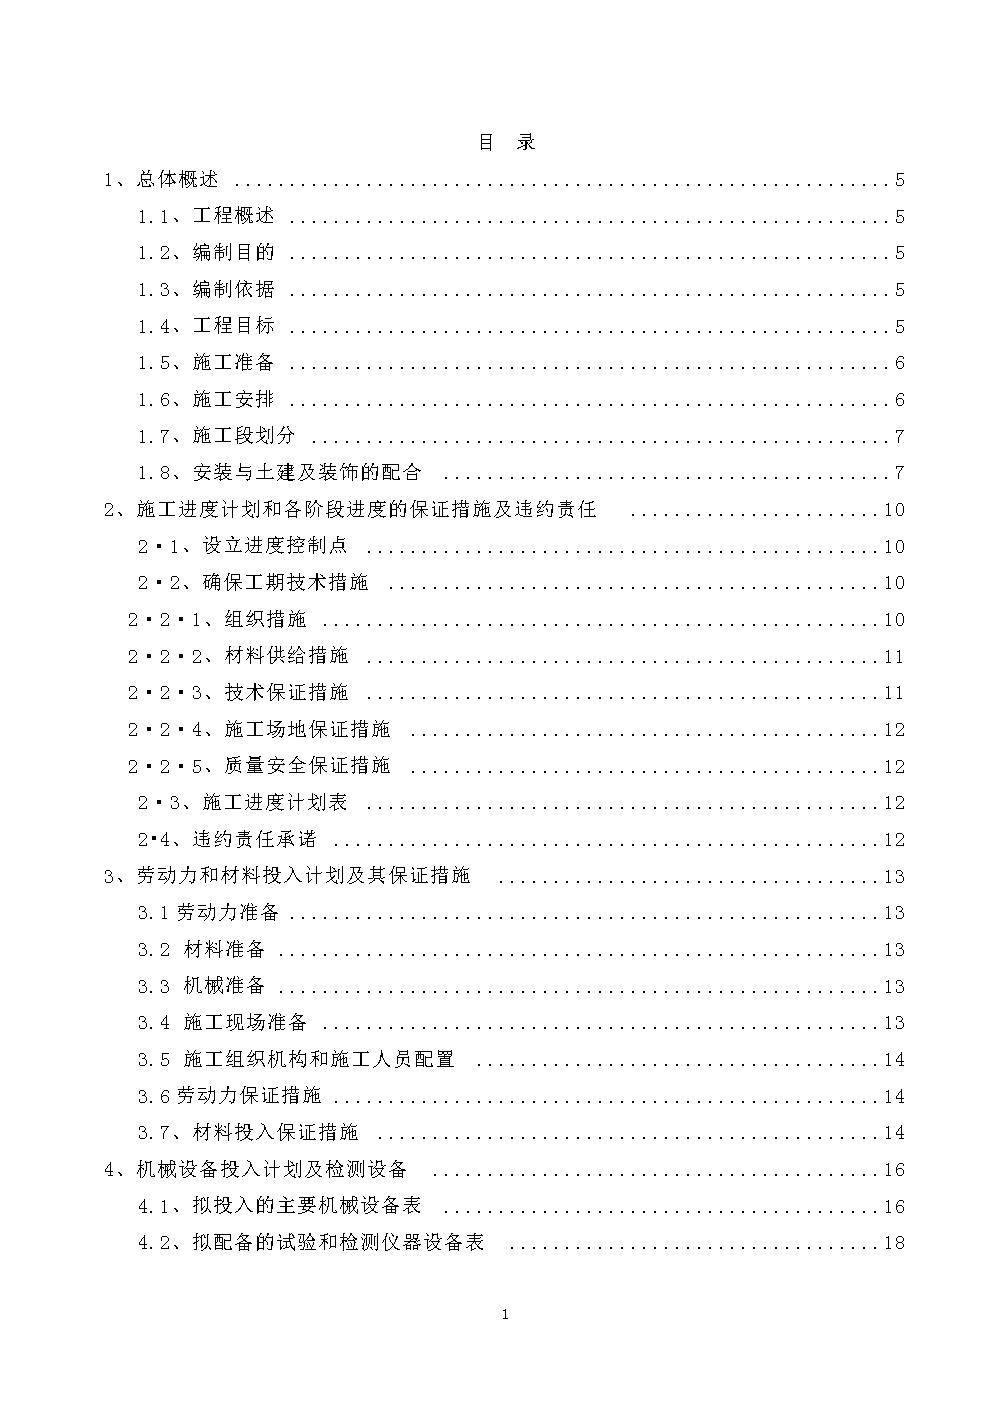 龙胜各族自治市市城兴龙西路(原农械厂内)廉租房工程施组.doc